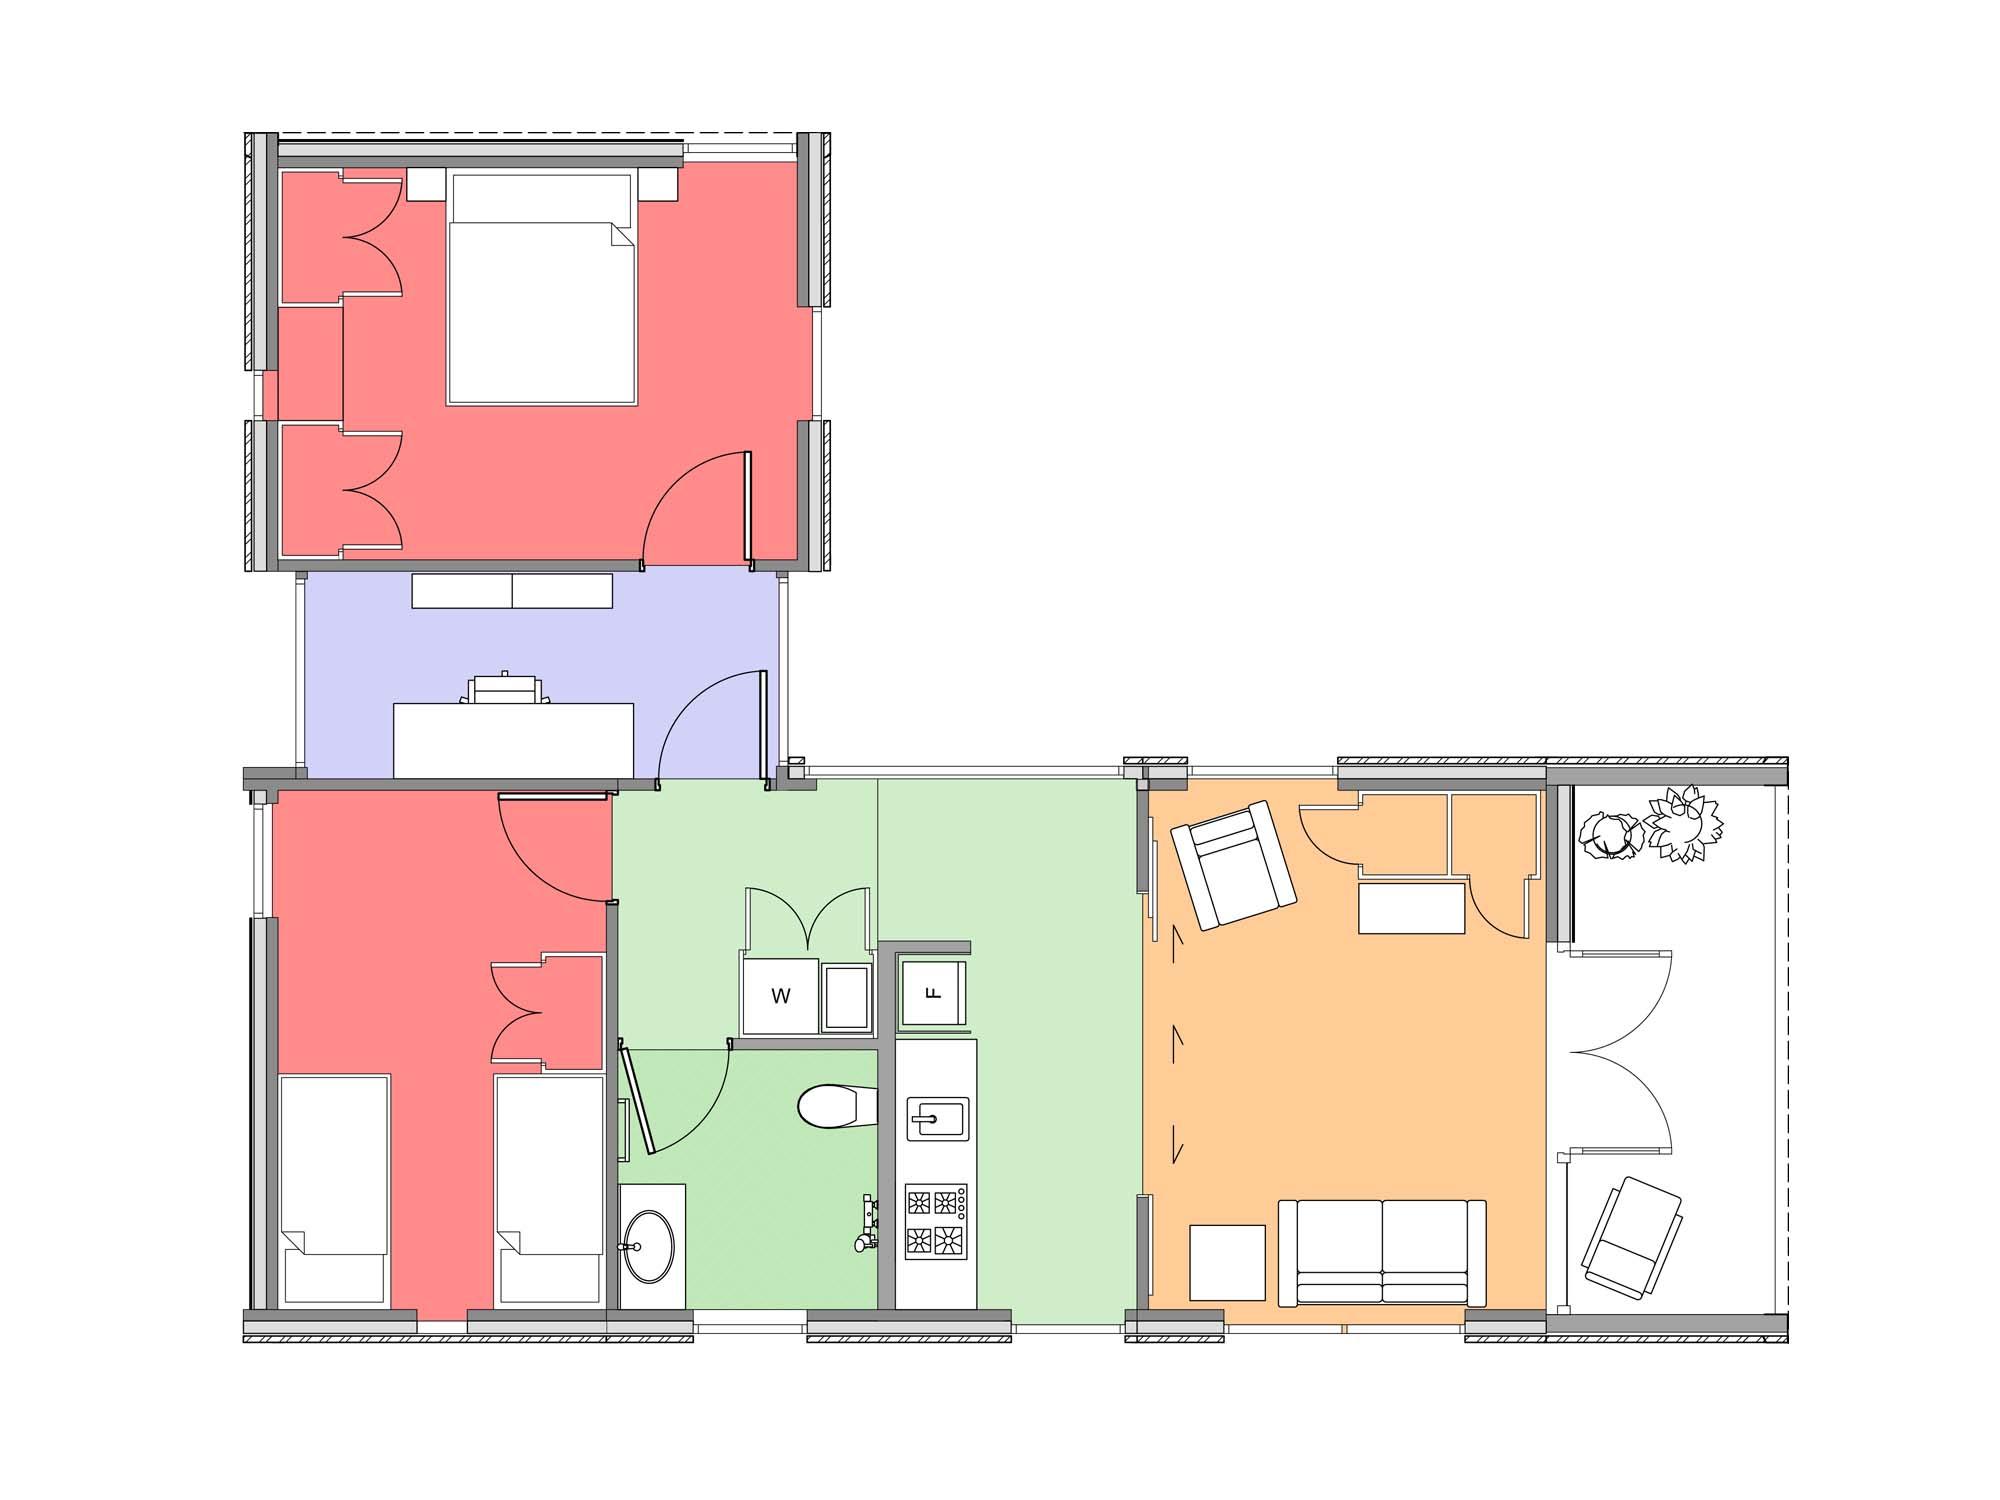 Plan of Te Whare-iti TWI 25